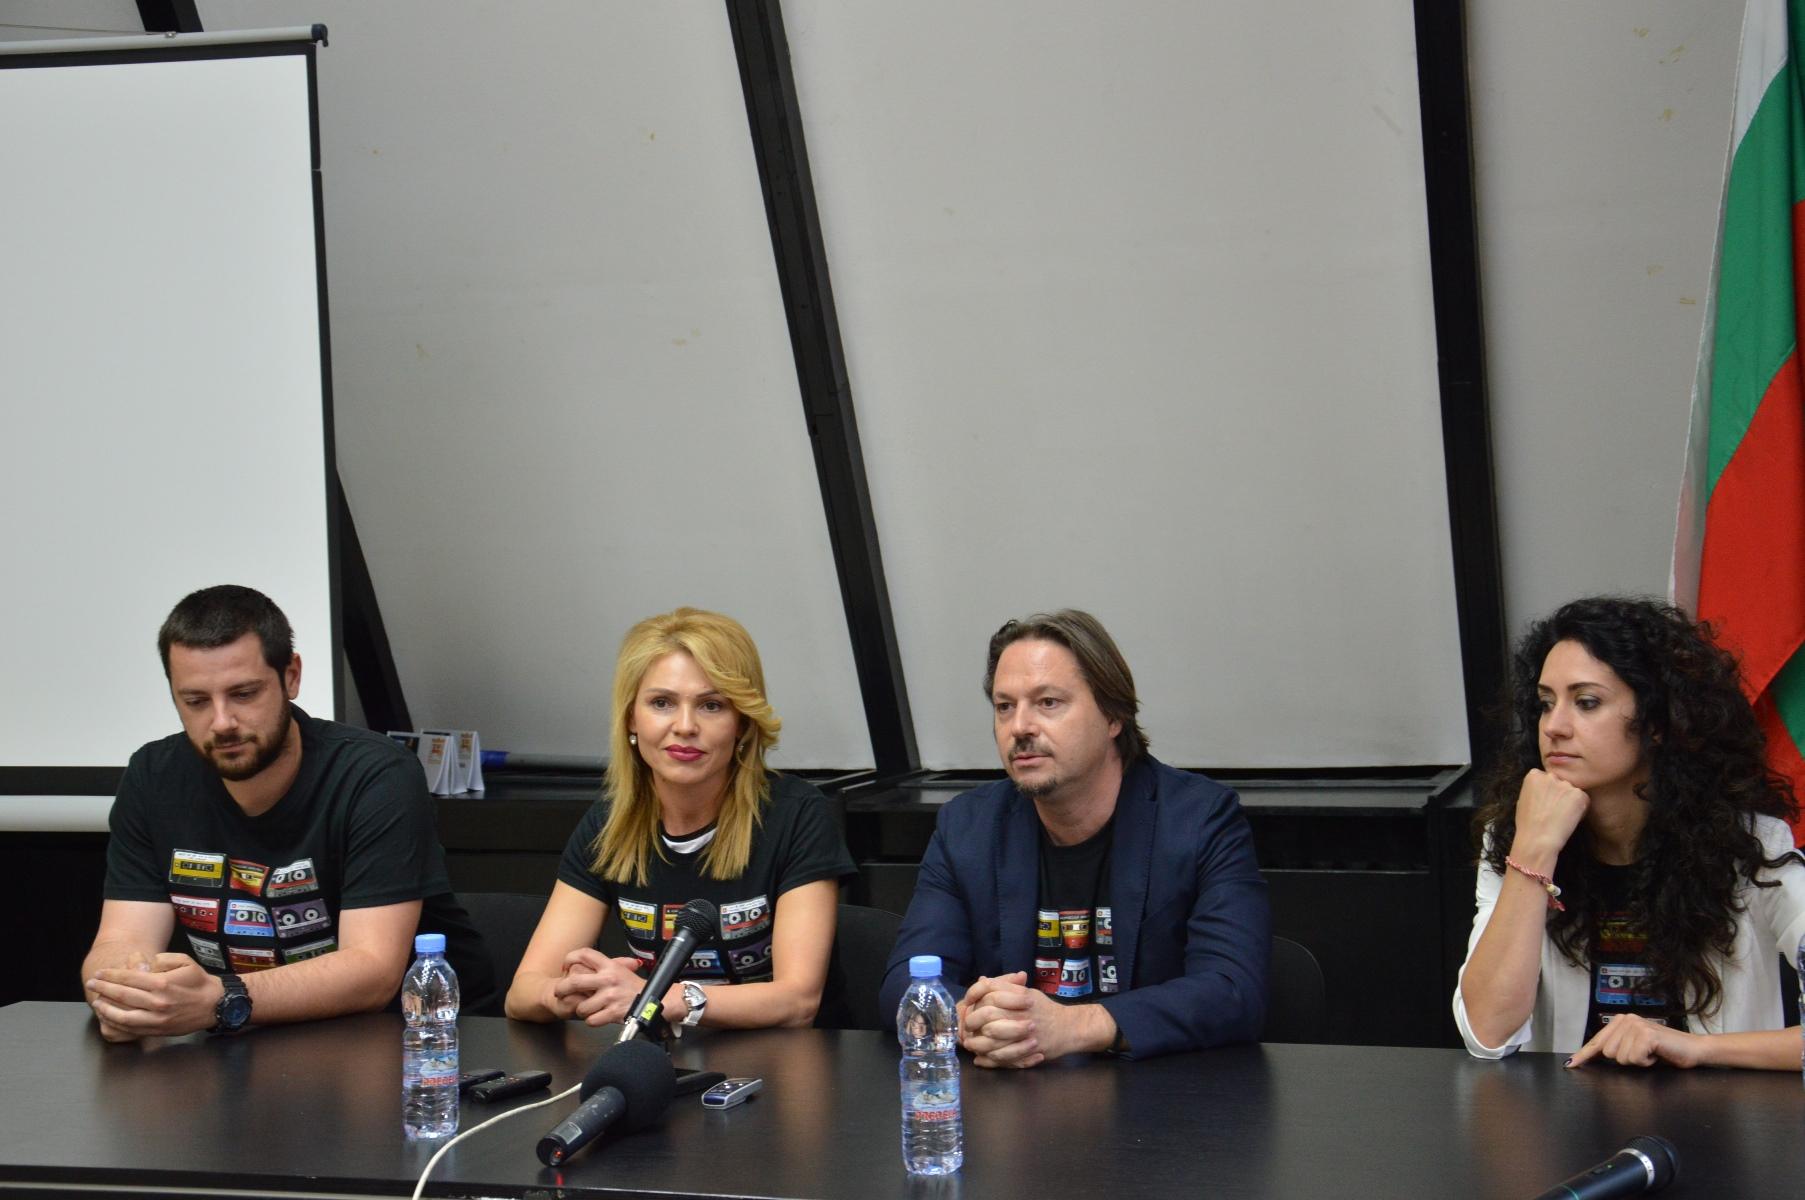 Благоевград със специална награда от БГ РАДИО за  Град-посланик на българската музика